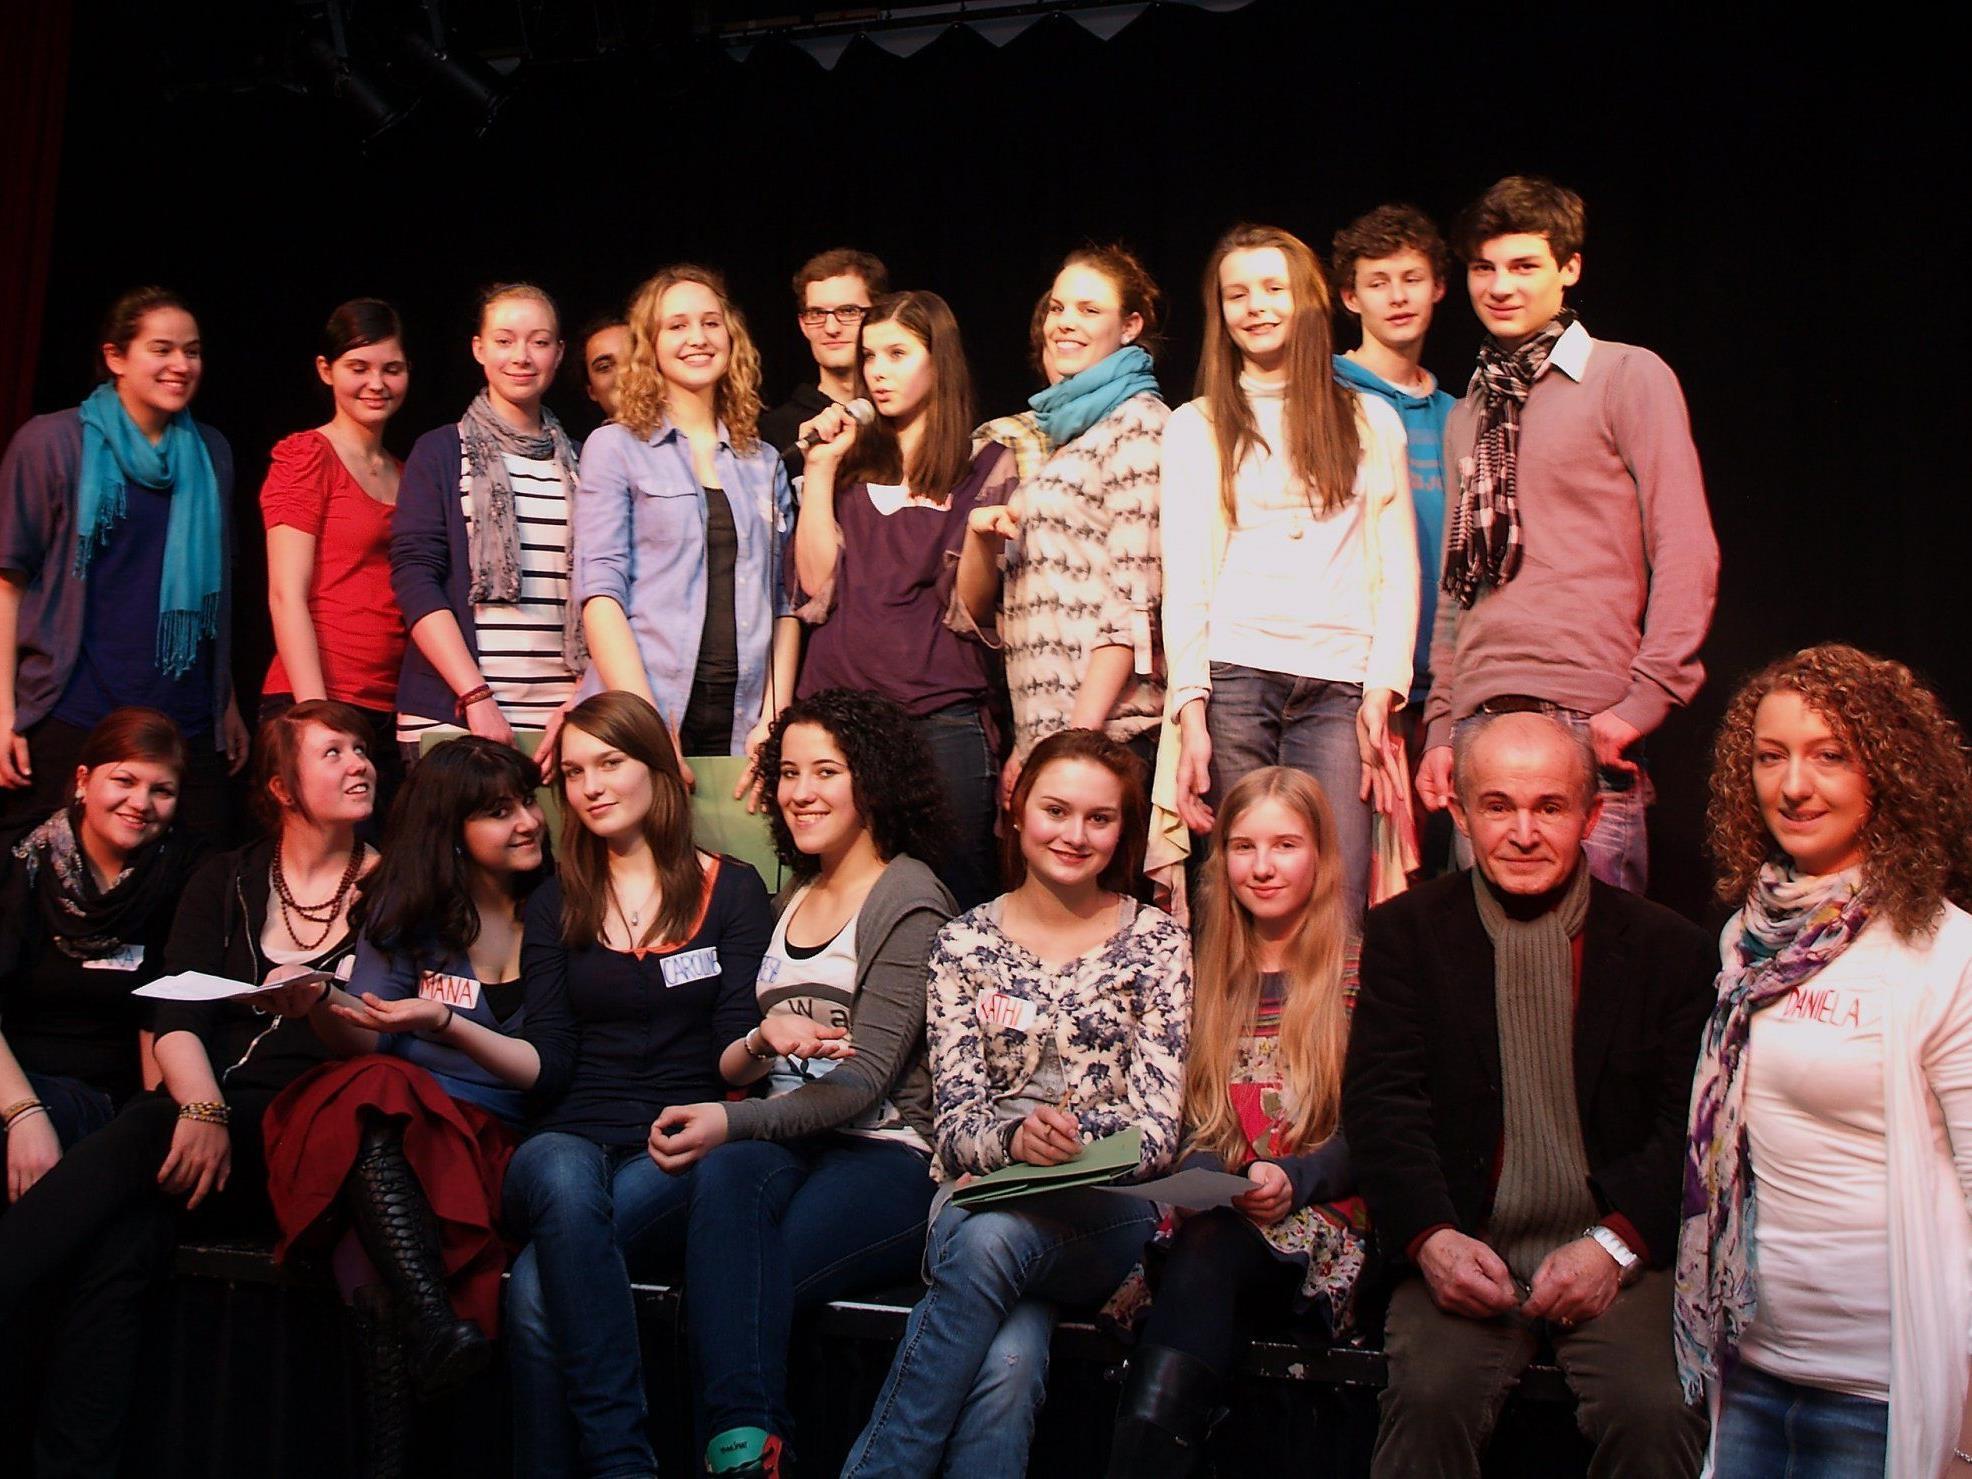 redensArt startet am18. Februar die heurige Workshopreihe für Jugendliche - kostenlos.